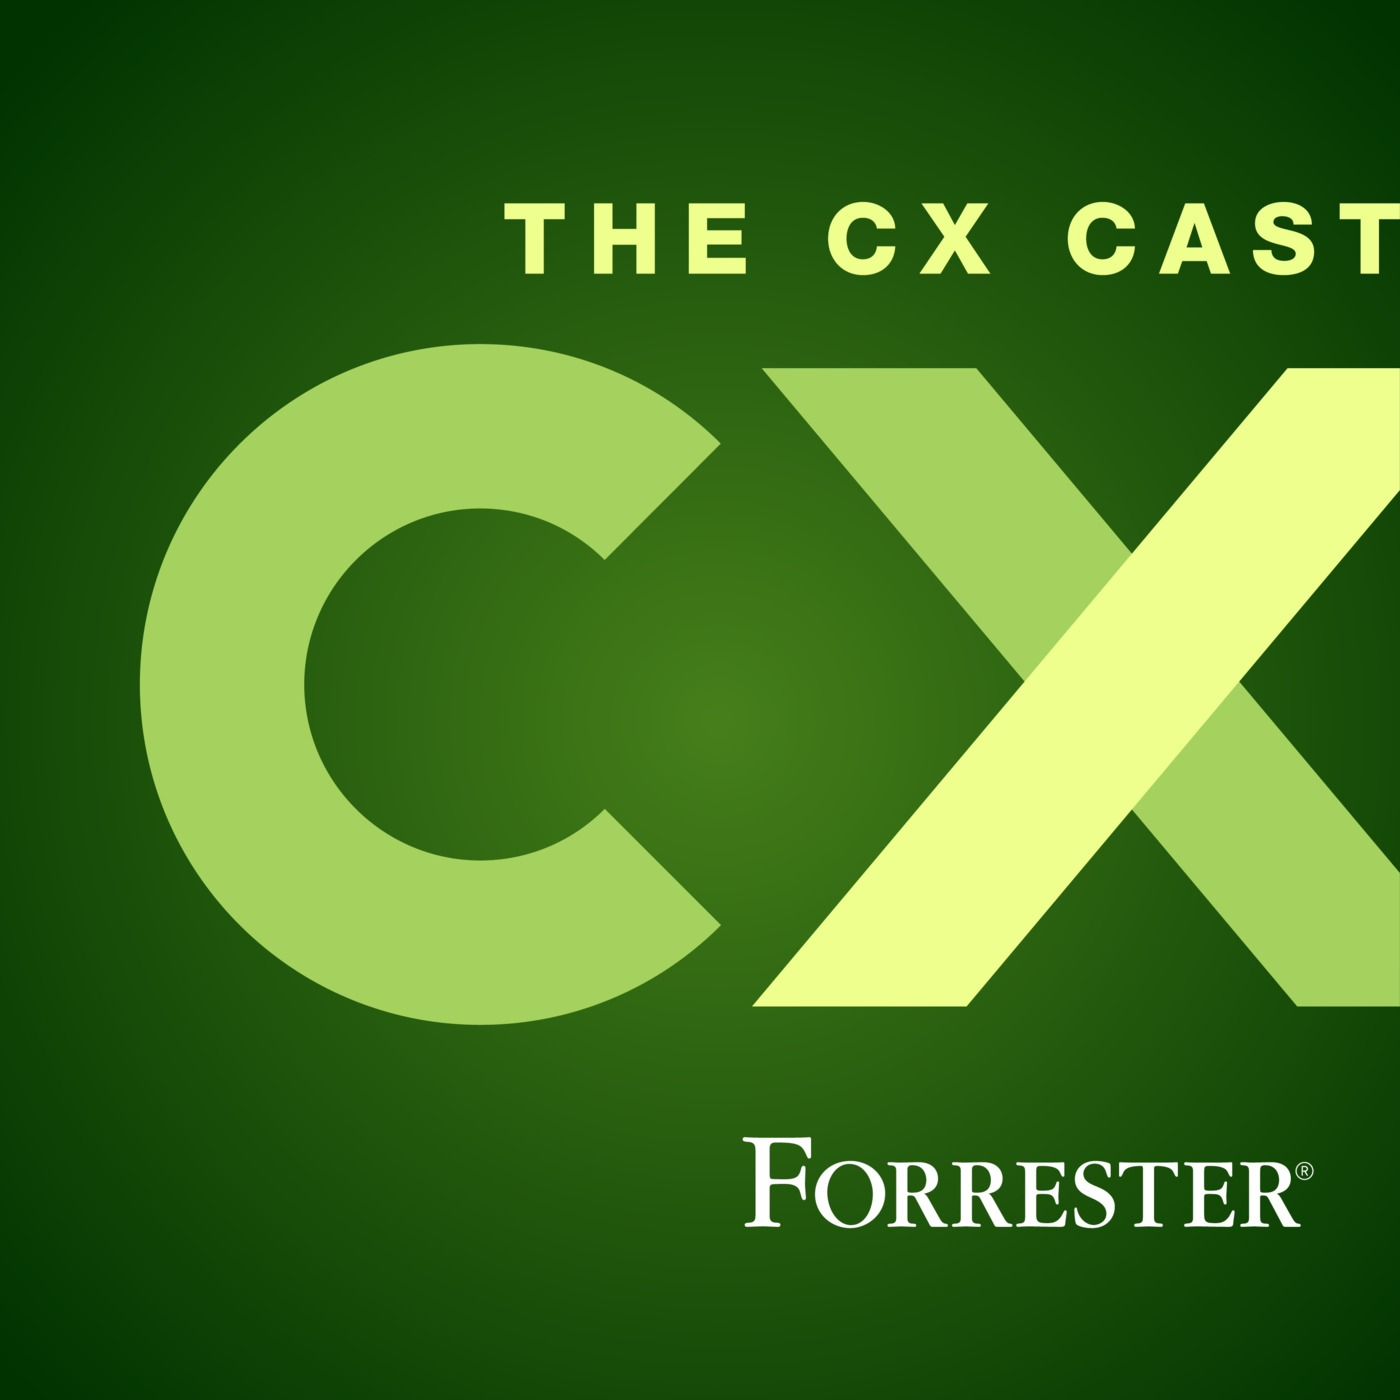 The CX Cast®